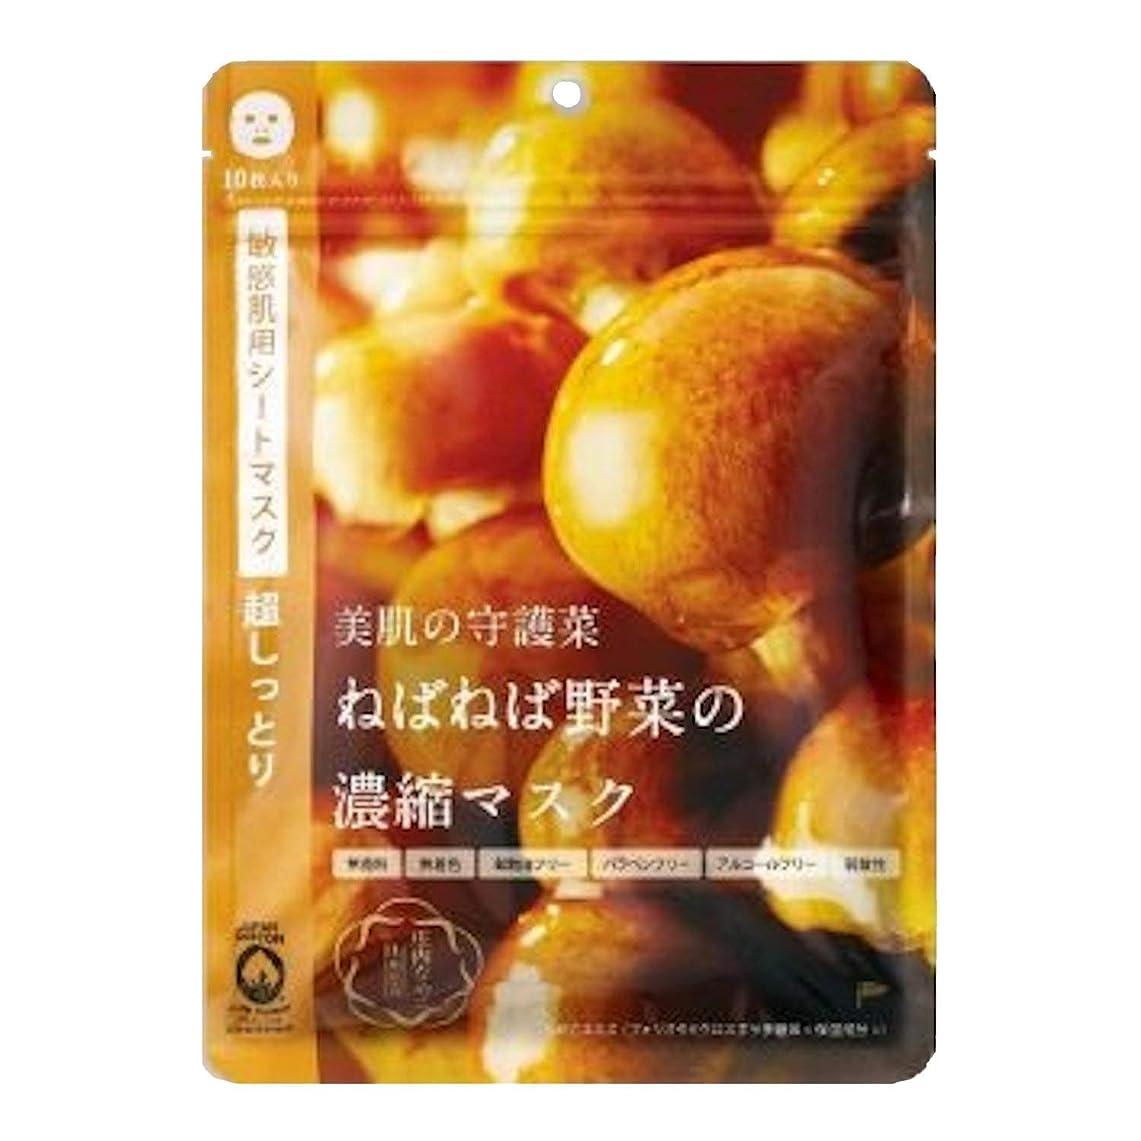 酔ったメロン市民@cosme nippon 美肌の守護菜 ねばねば野菜の濃縮マスク 庄内なめこ 10枚入り 160ml